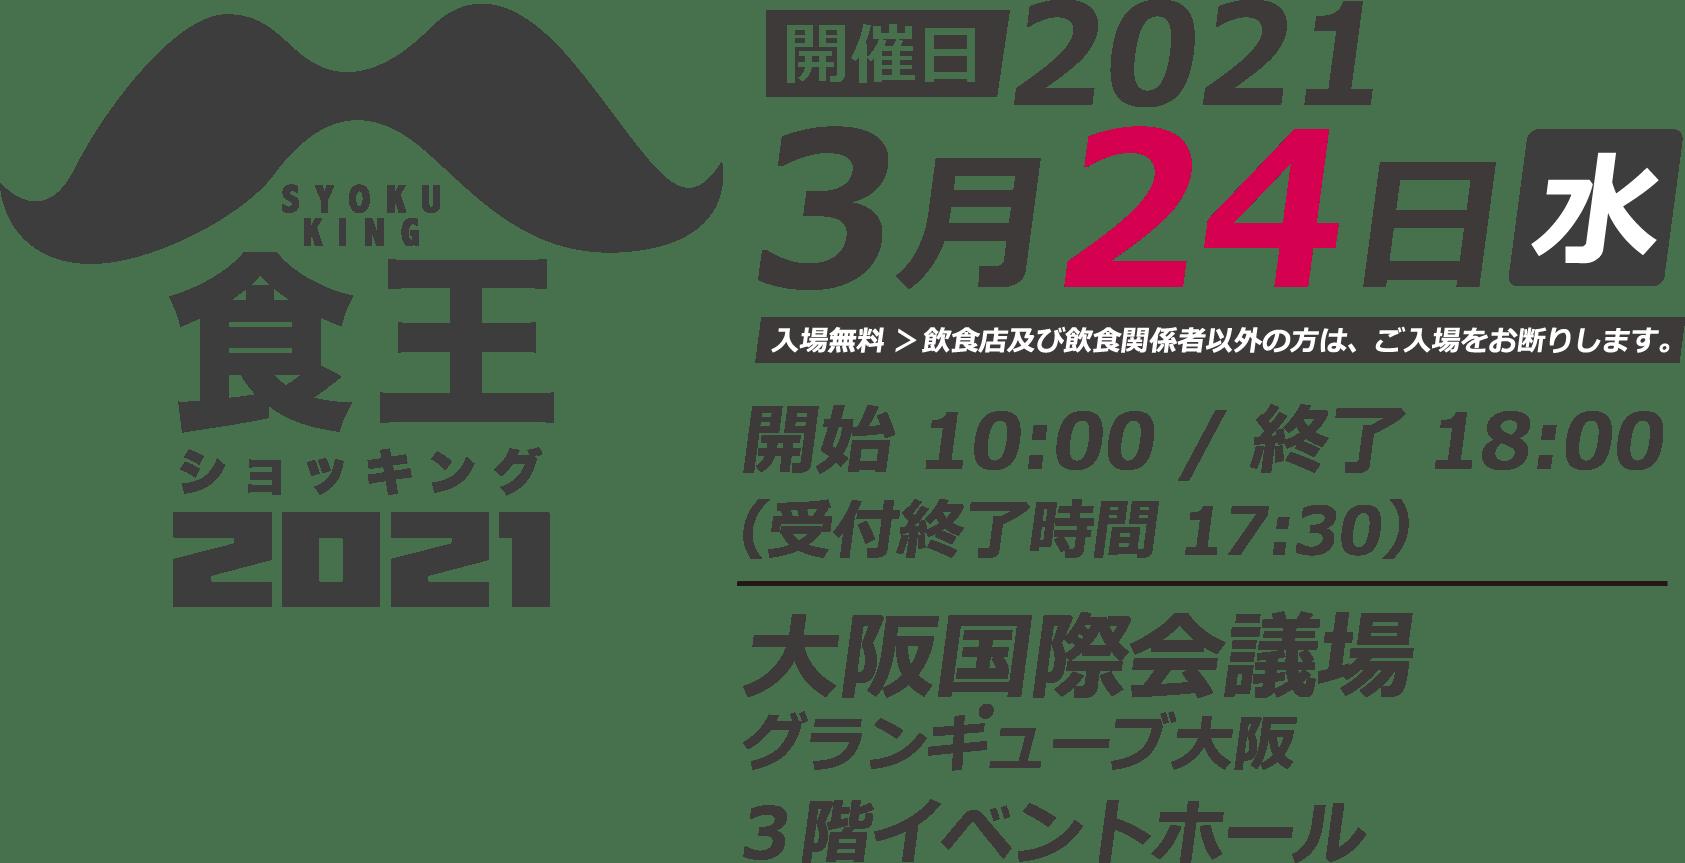 食王-ショッキング-2021 2021年3月24日(水)グランキューブ大阪にて開催!